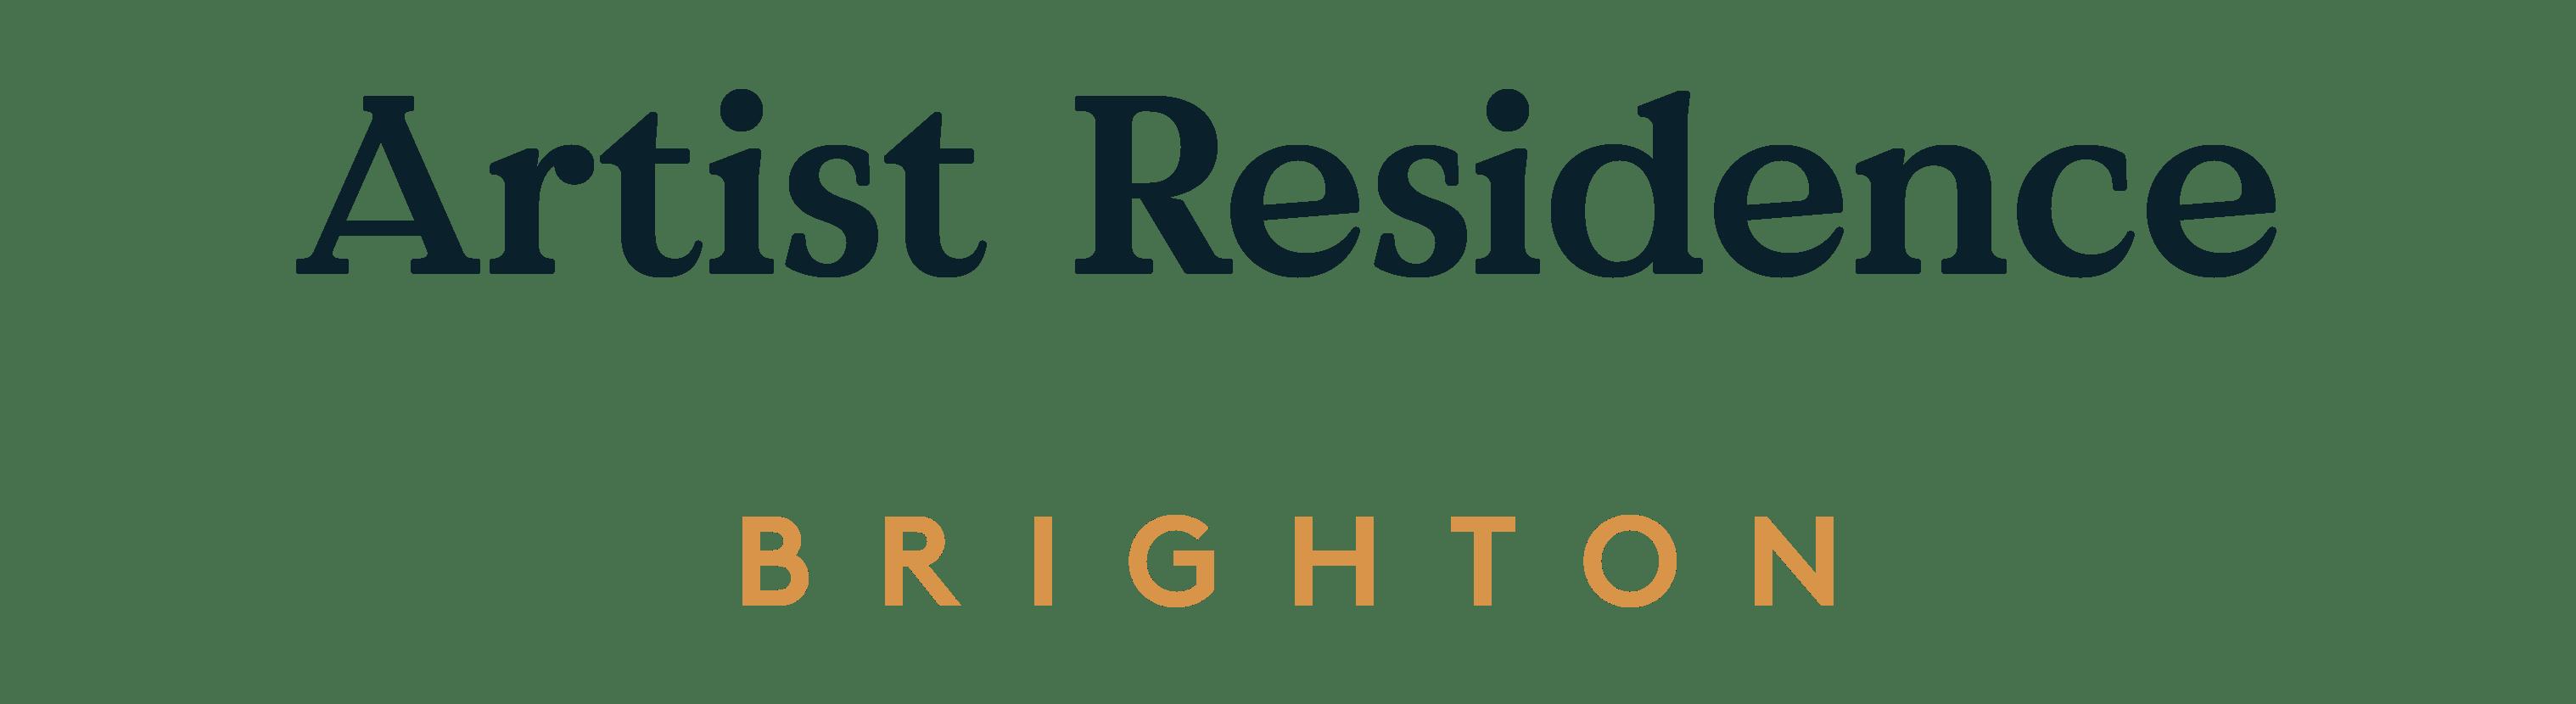 Artist Residence Logo - Artist Residence Brighton